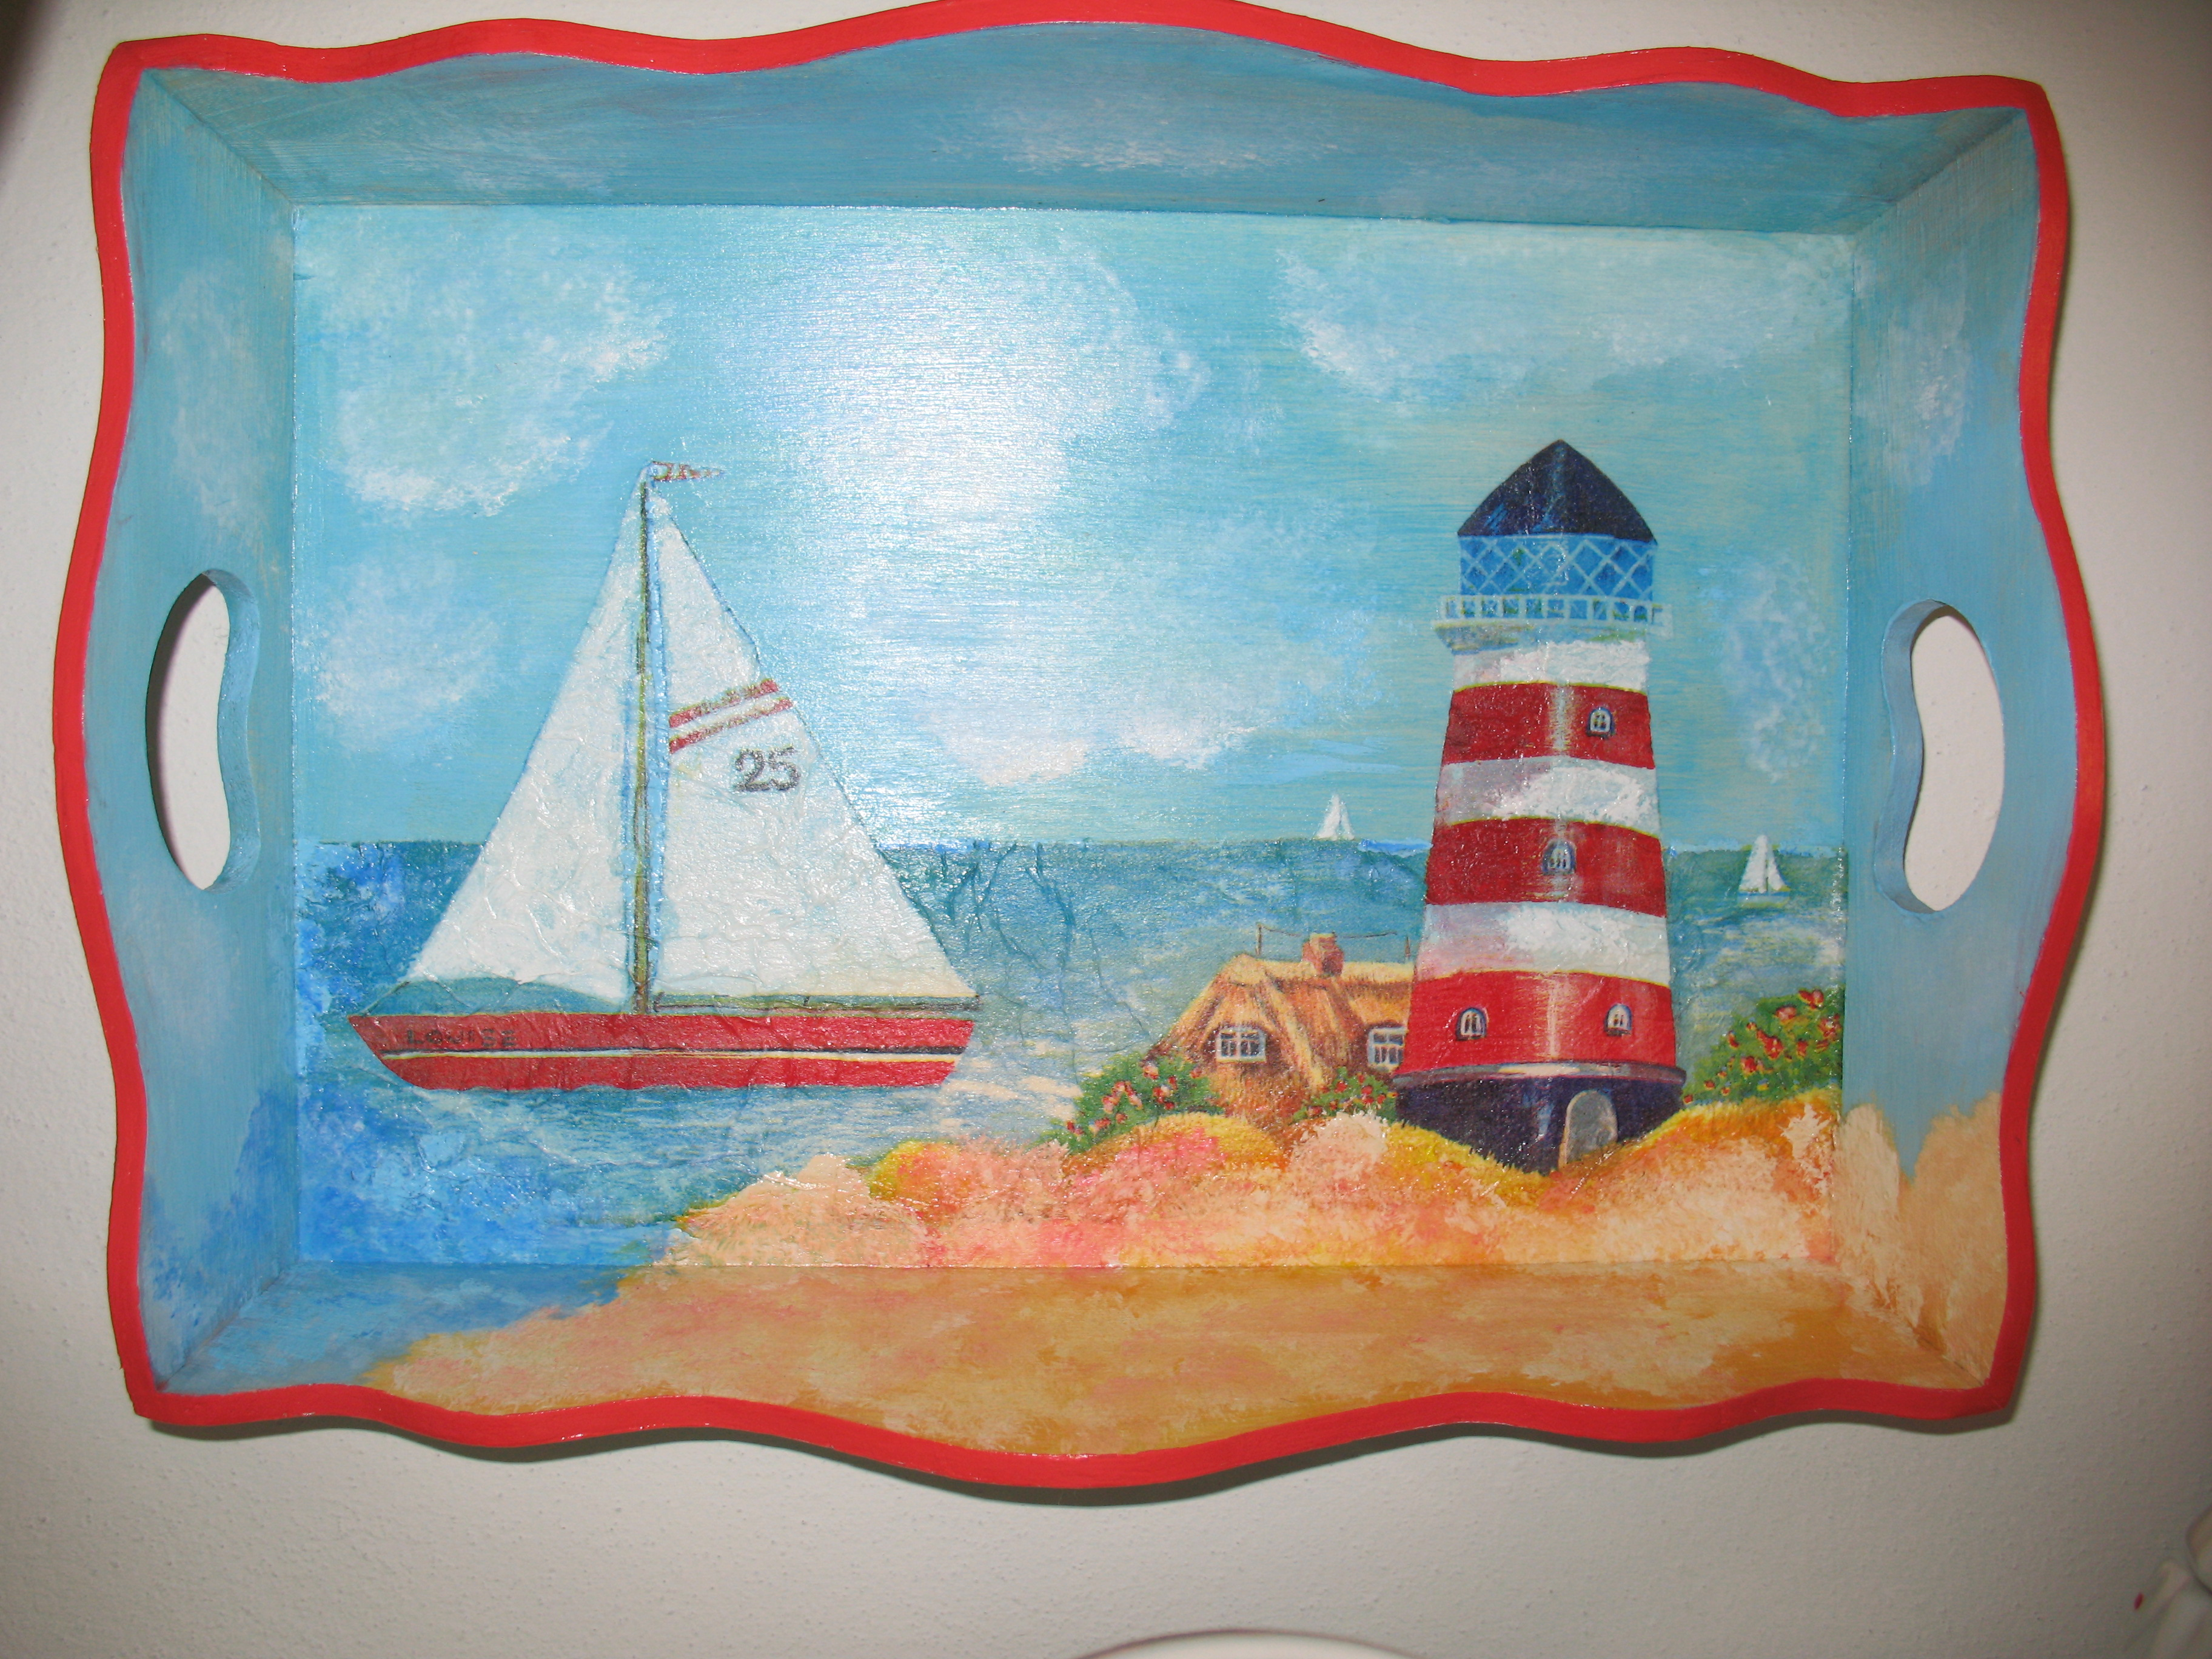 Vassoio con paesaggio marino dall 39 album di barbara69 for Immagini di animali marini da stampare